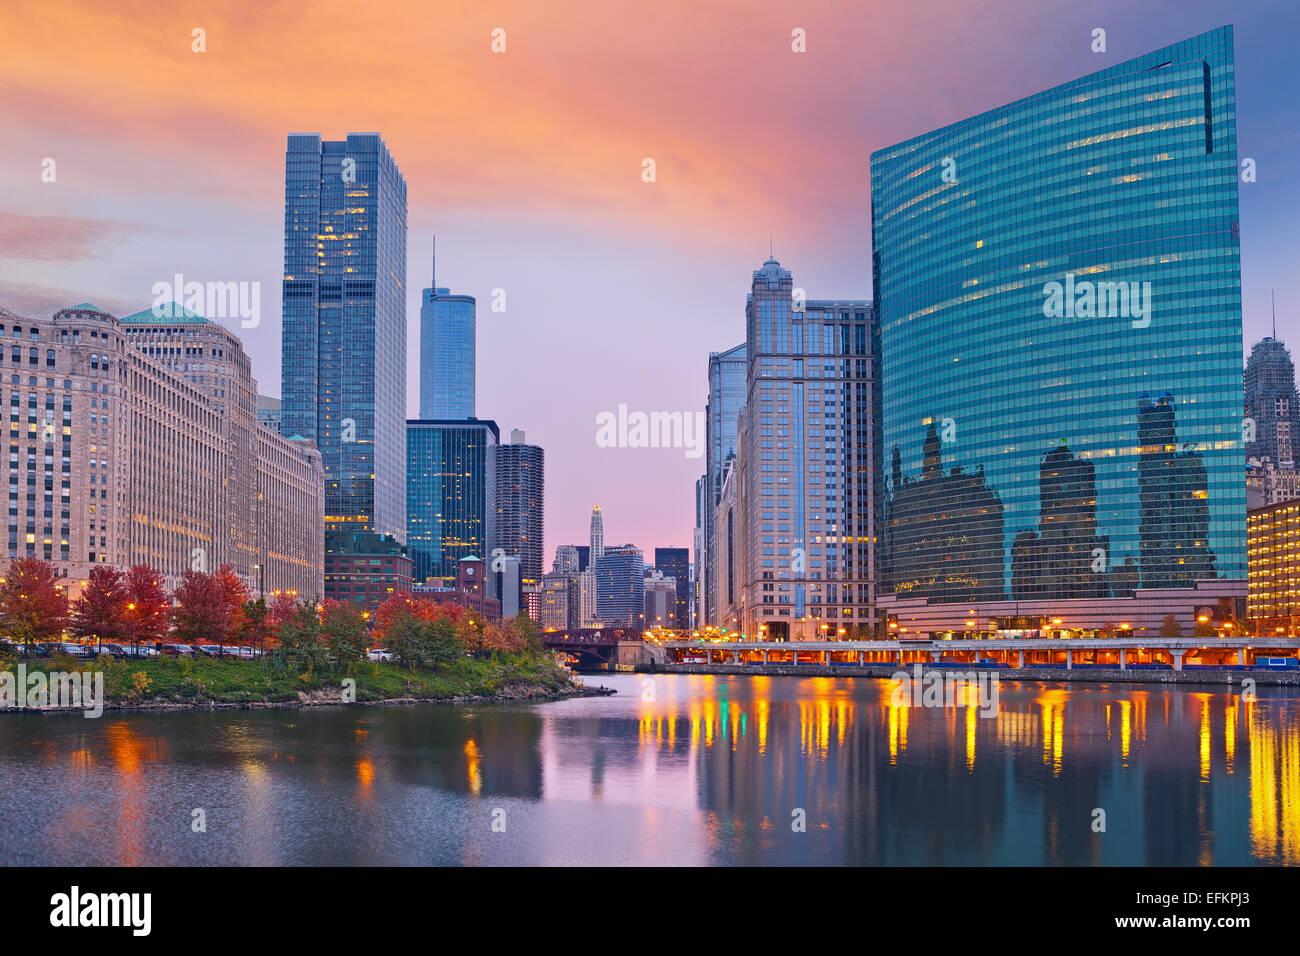 Chicago. Immagine della città di Chicago durante il tramonto. Immagini Stock